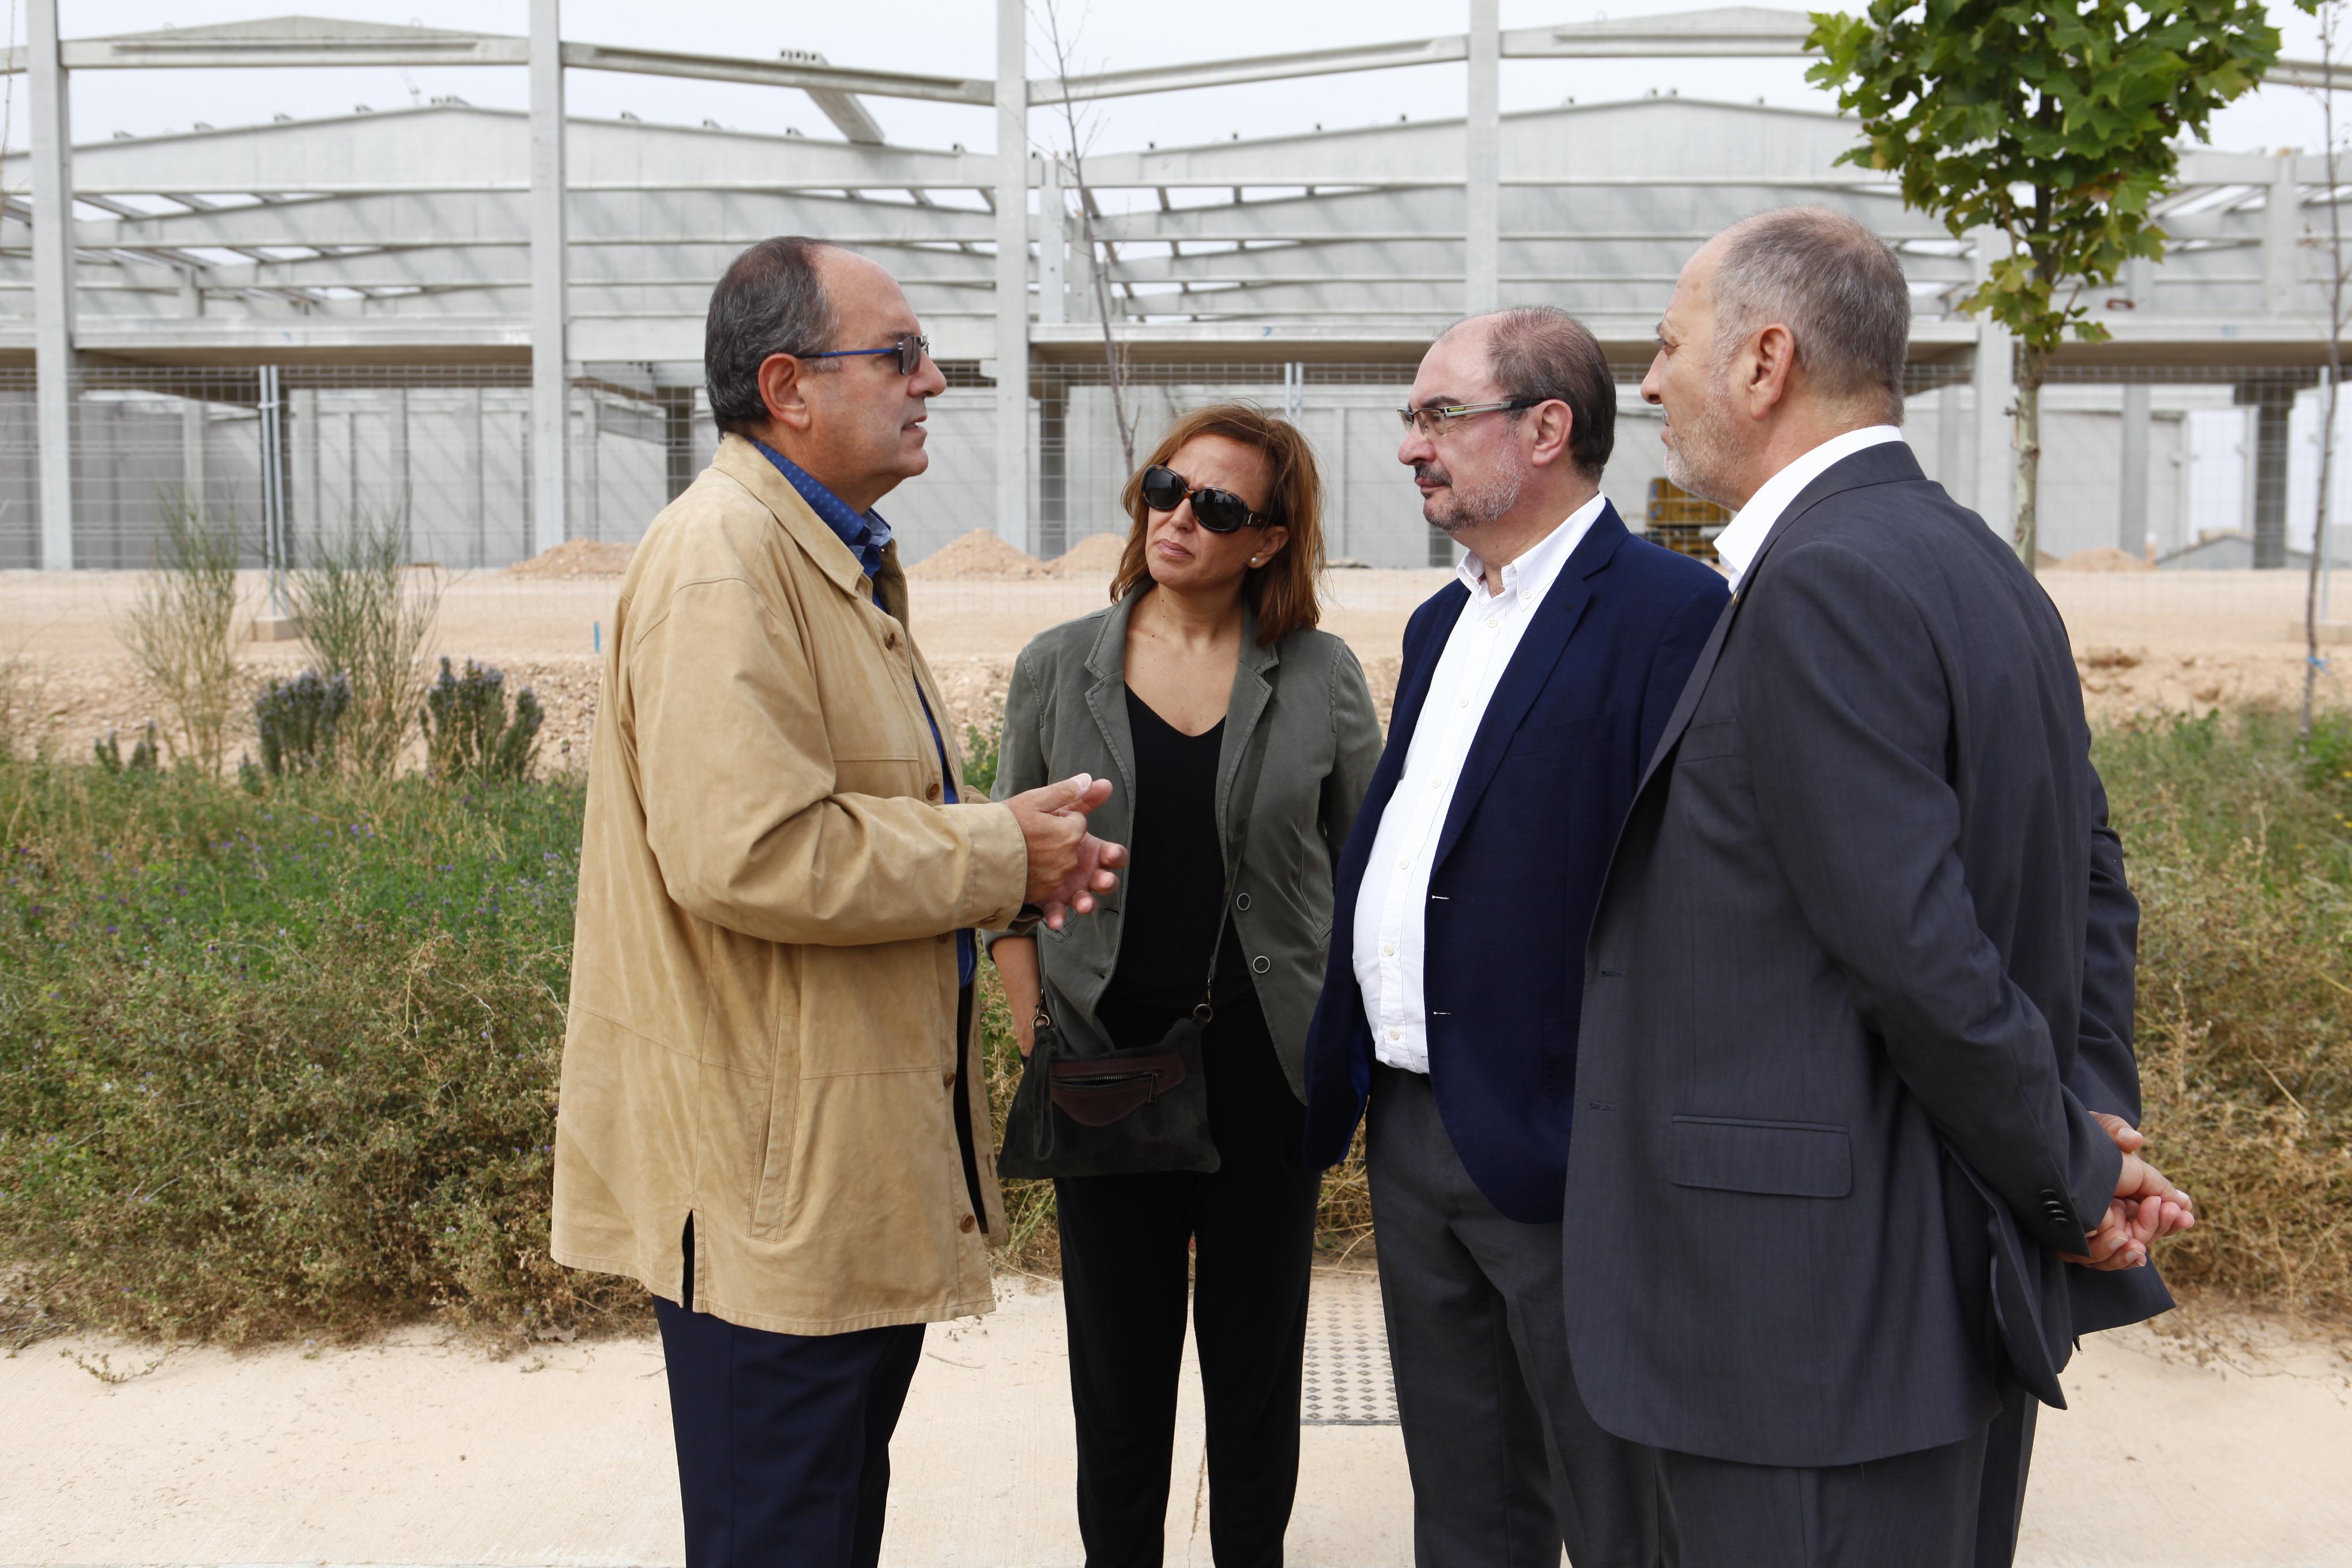 El presidente del Gobierno de Aragón, Javier Lambán, visita distintas infraestructuras de la localidad de Calanda.